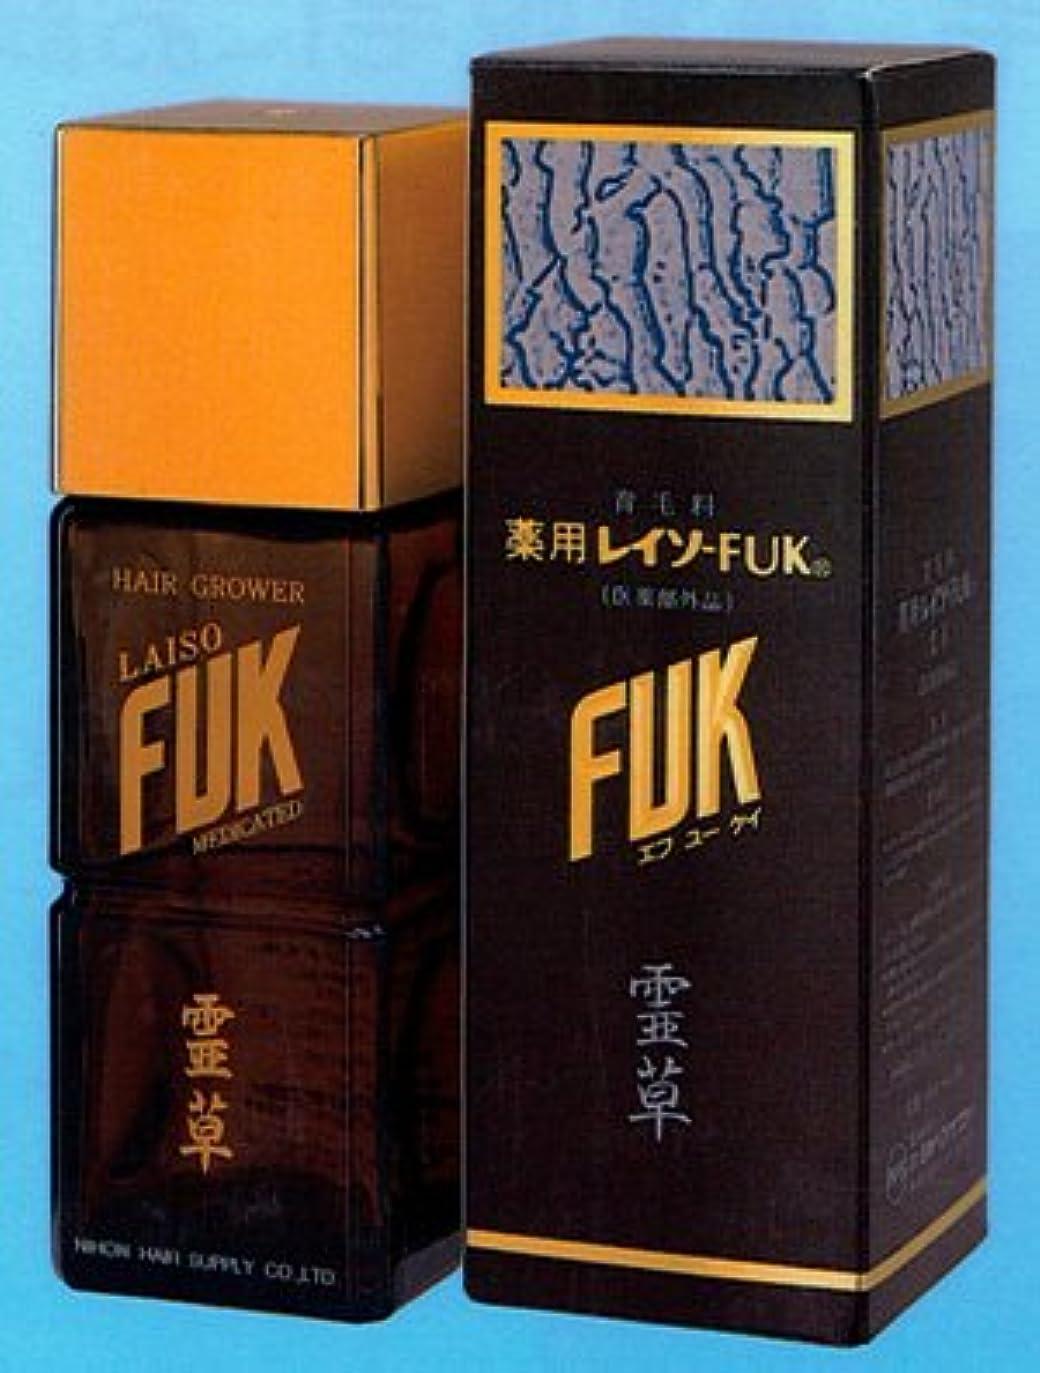 苦い再びスティック育毛剤】薬用 レイソーFUK【強力】 160mL2本セット